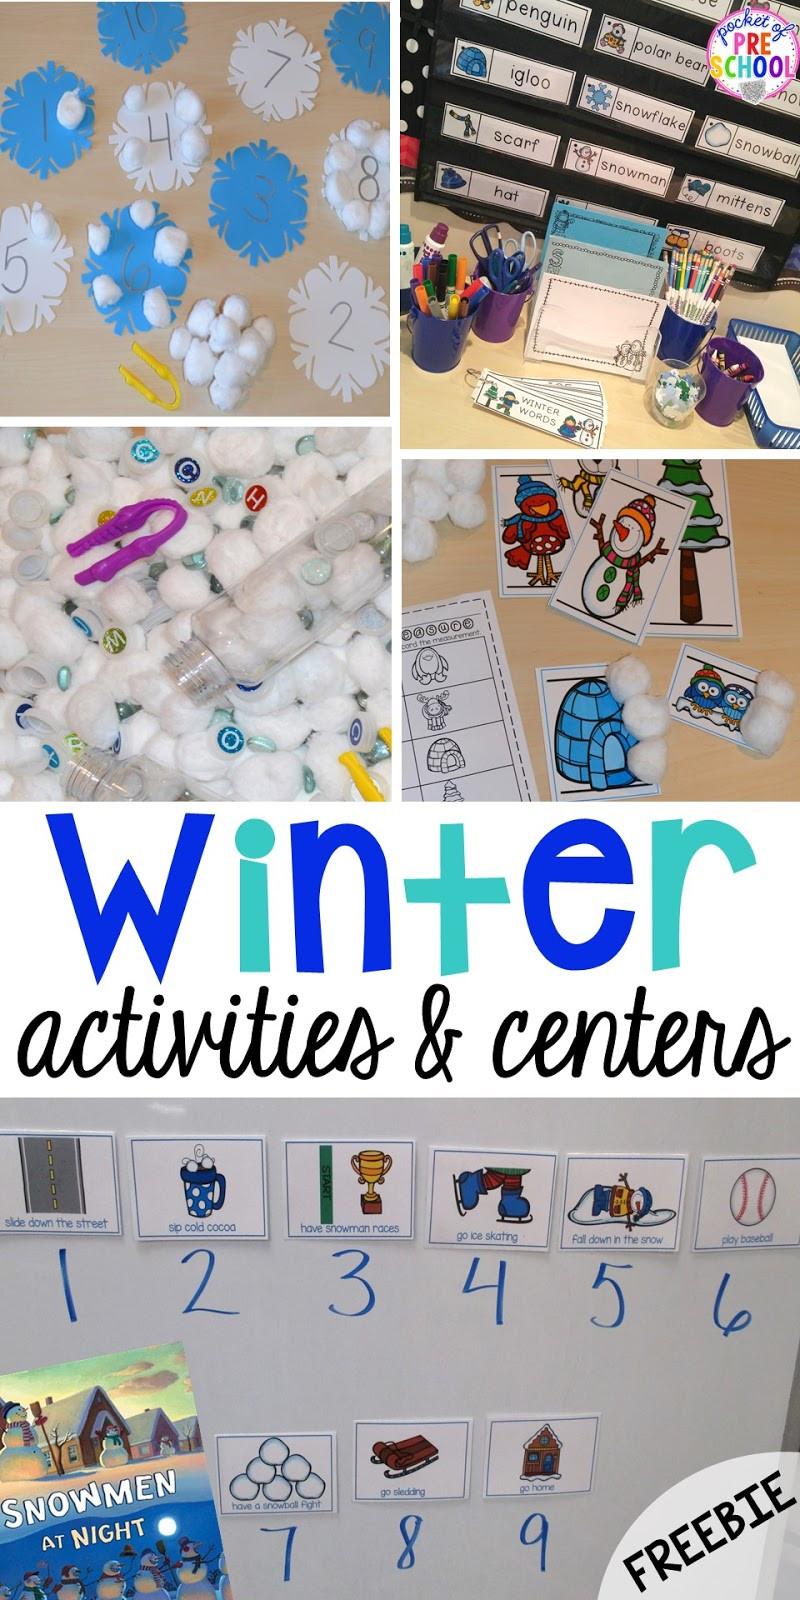 Winter Themed Activities For Preschoolers  Winter Themed Activities and Centers Snowman at Night